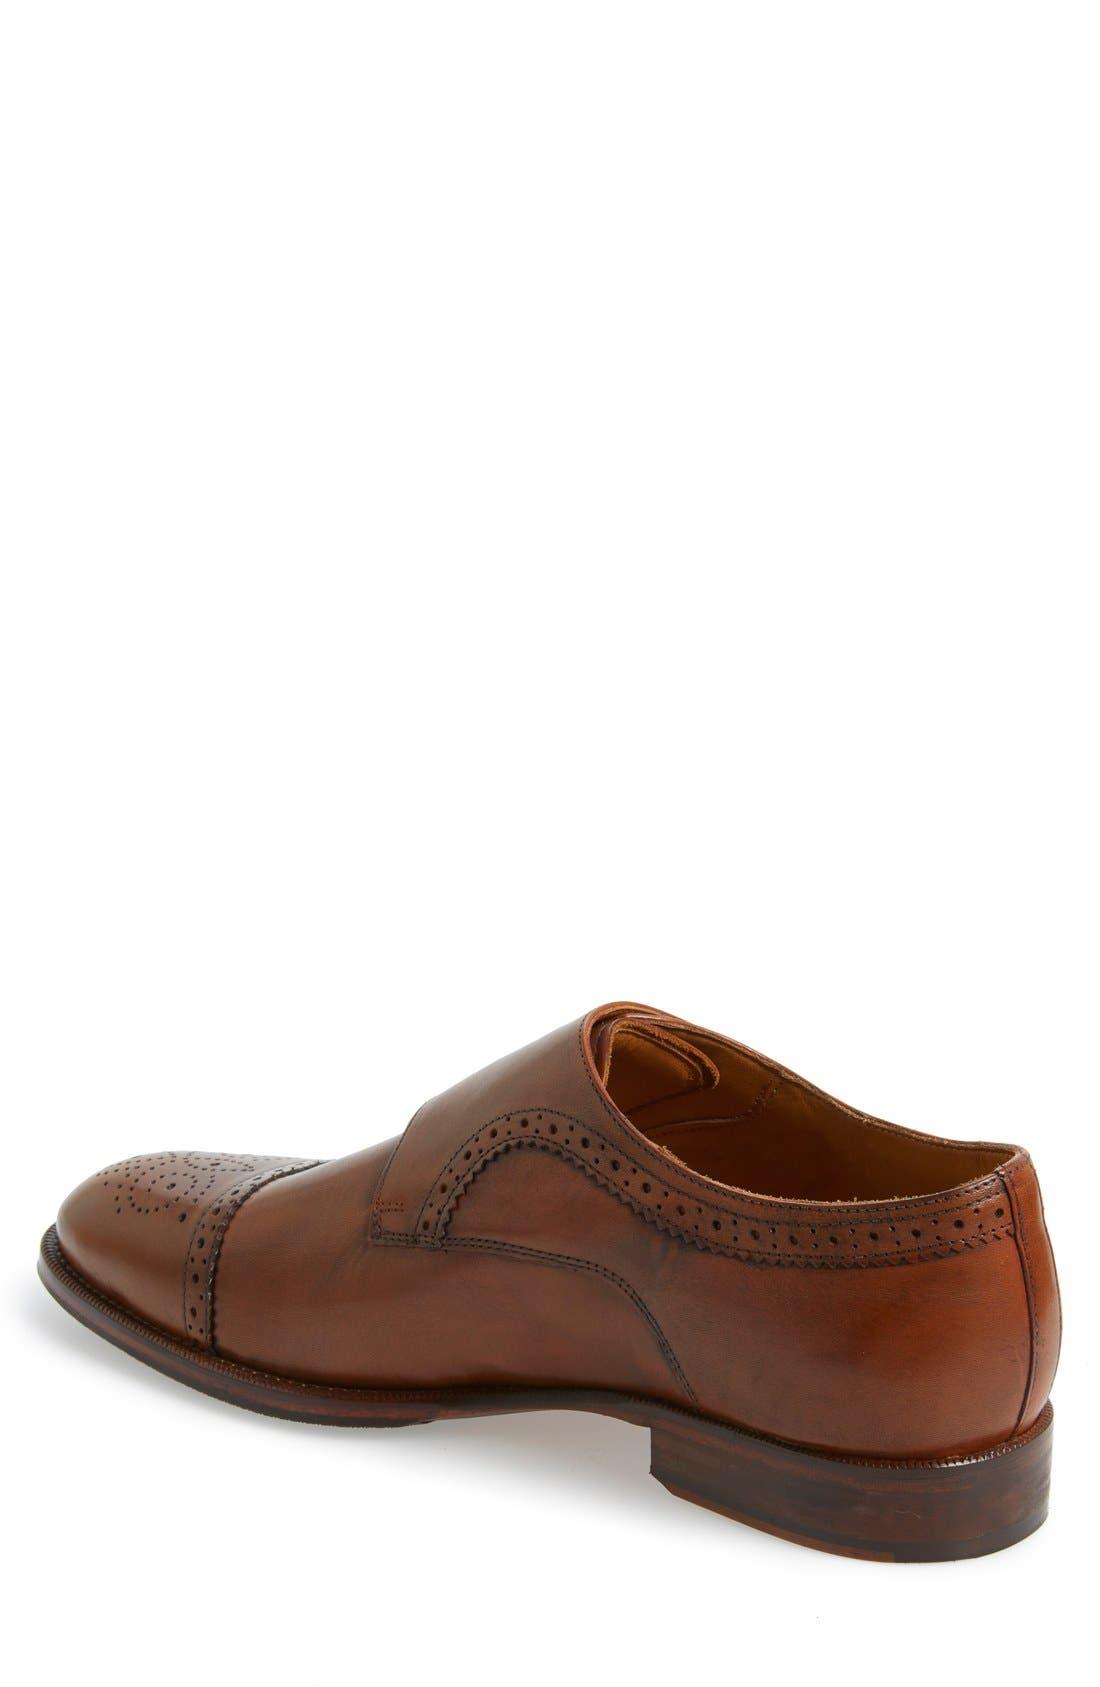 Alternate Image 2  - Vince Camuto 'Briant' Double Monk Strap Shoe (Men)